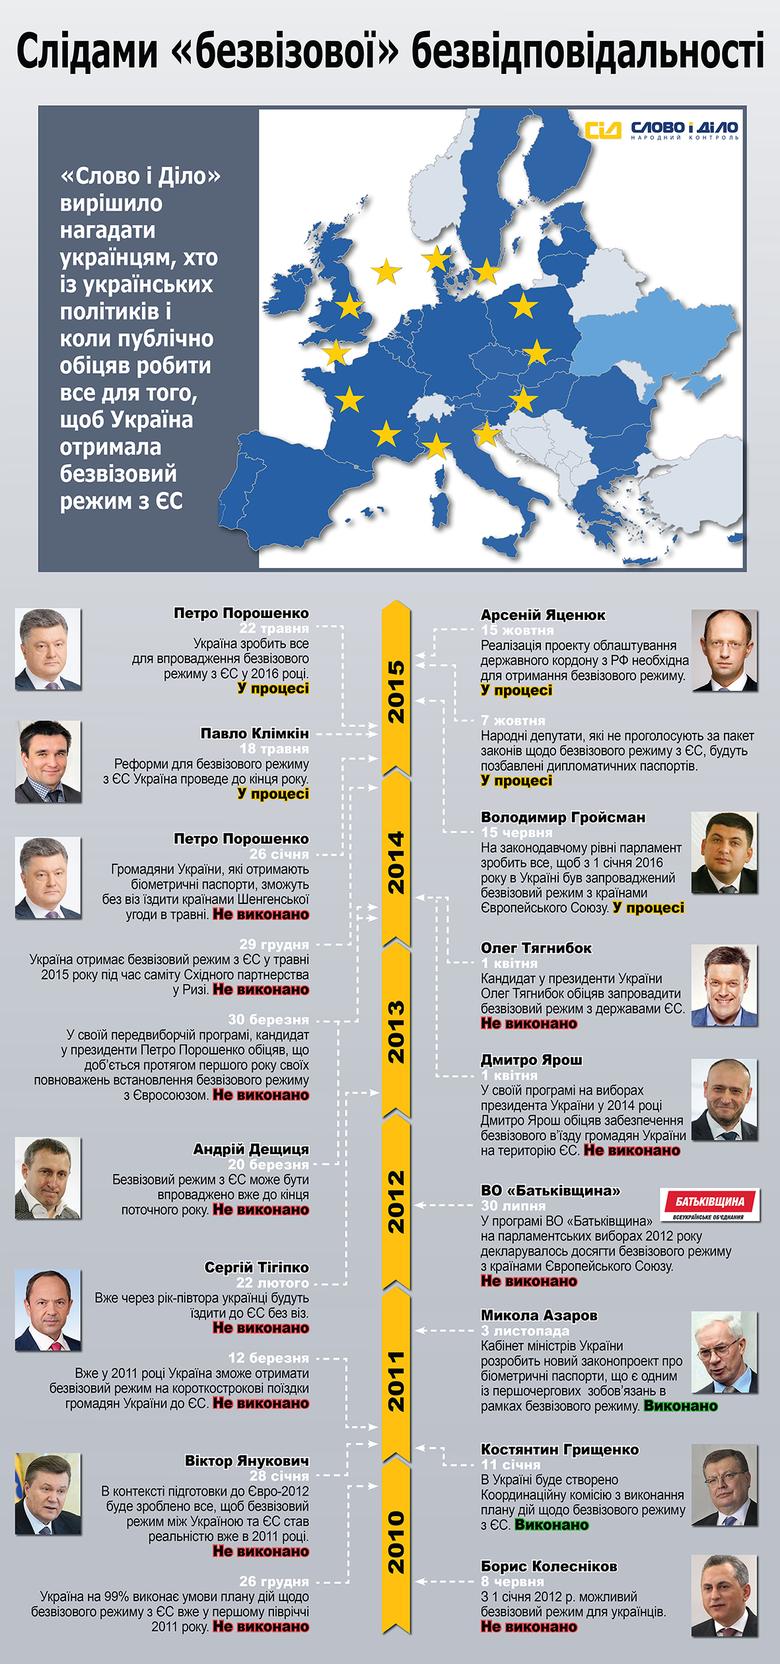 Обіцяти українцям безвізовий режим політики почали ще в 2010 році. Одним із перших посадовців, що пообіцяли ініціювати безвізовий режим з ЄС, був тодішній віце-прем'єр-міністр із питань Євро-2012 Борис Колесніков.